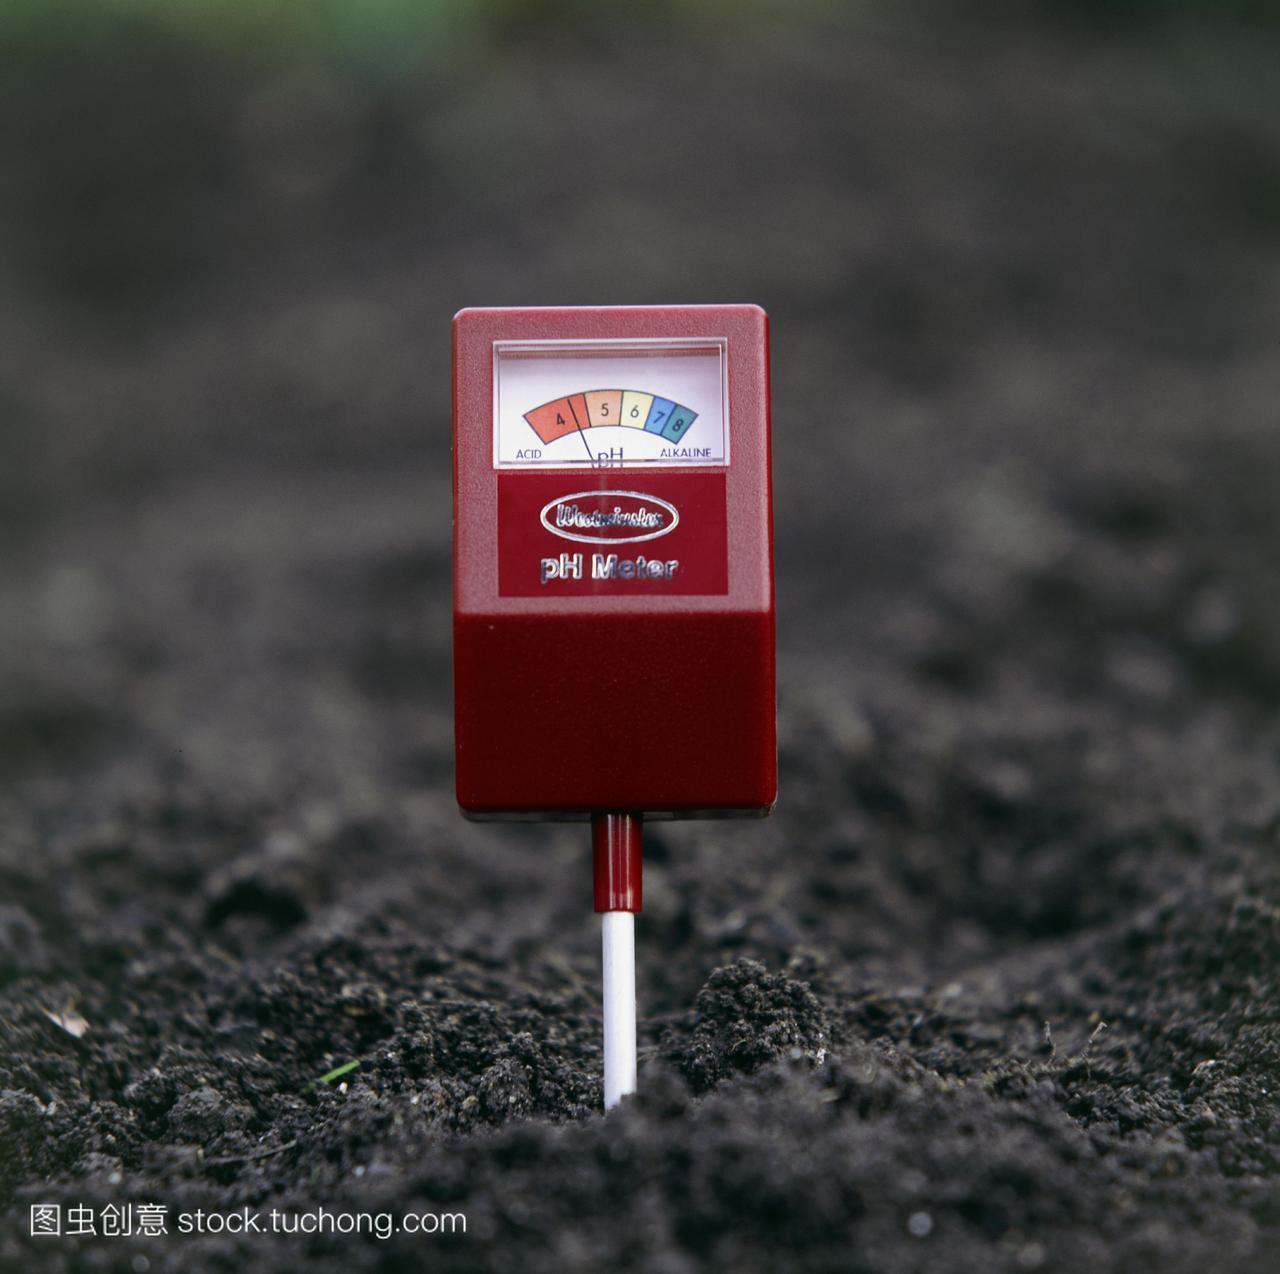 土壤导航ph计测试土壤技巧酸度和园丁修复米测试黑屏使用小农民图片